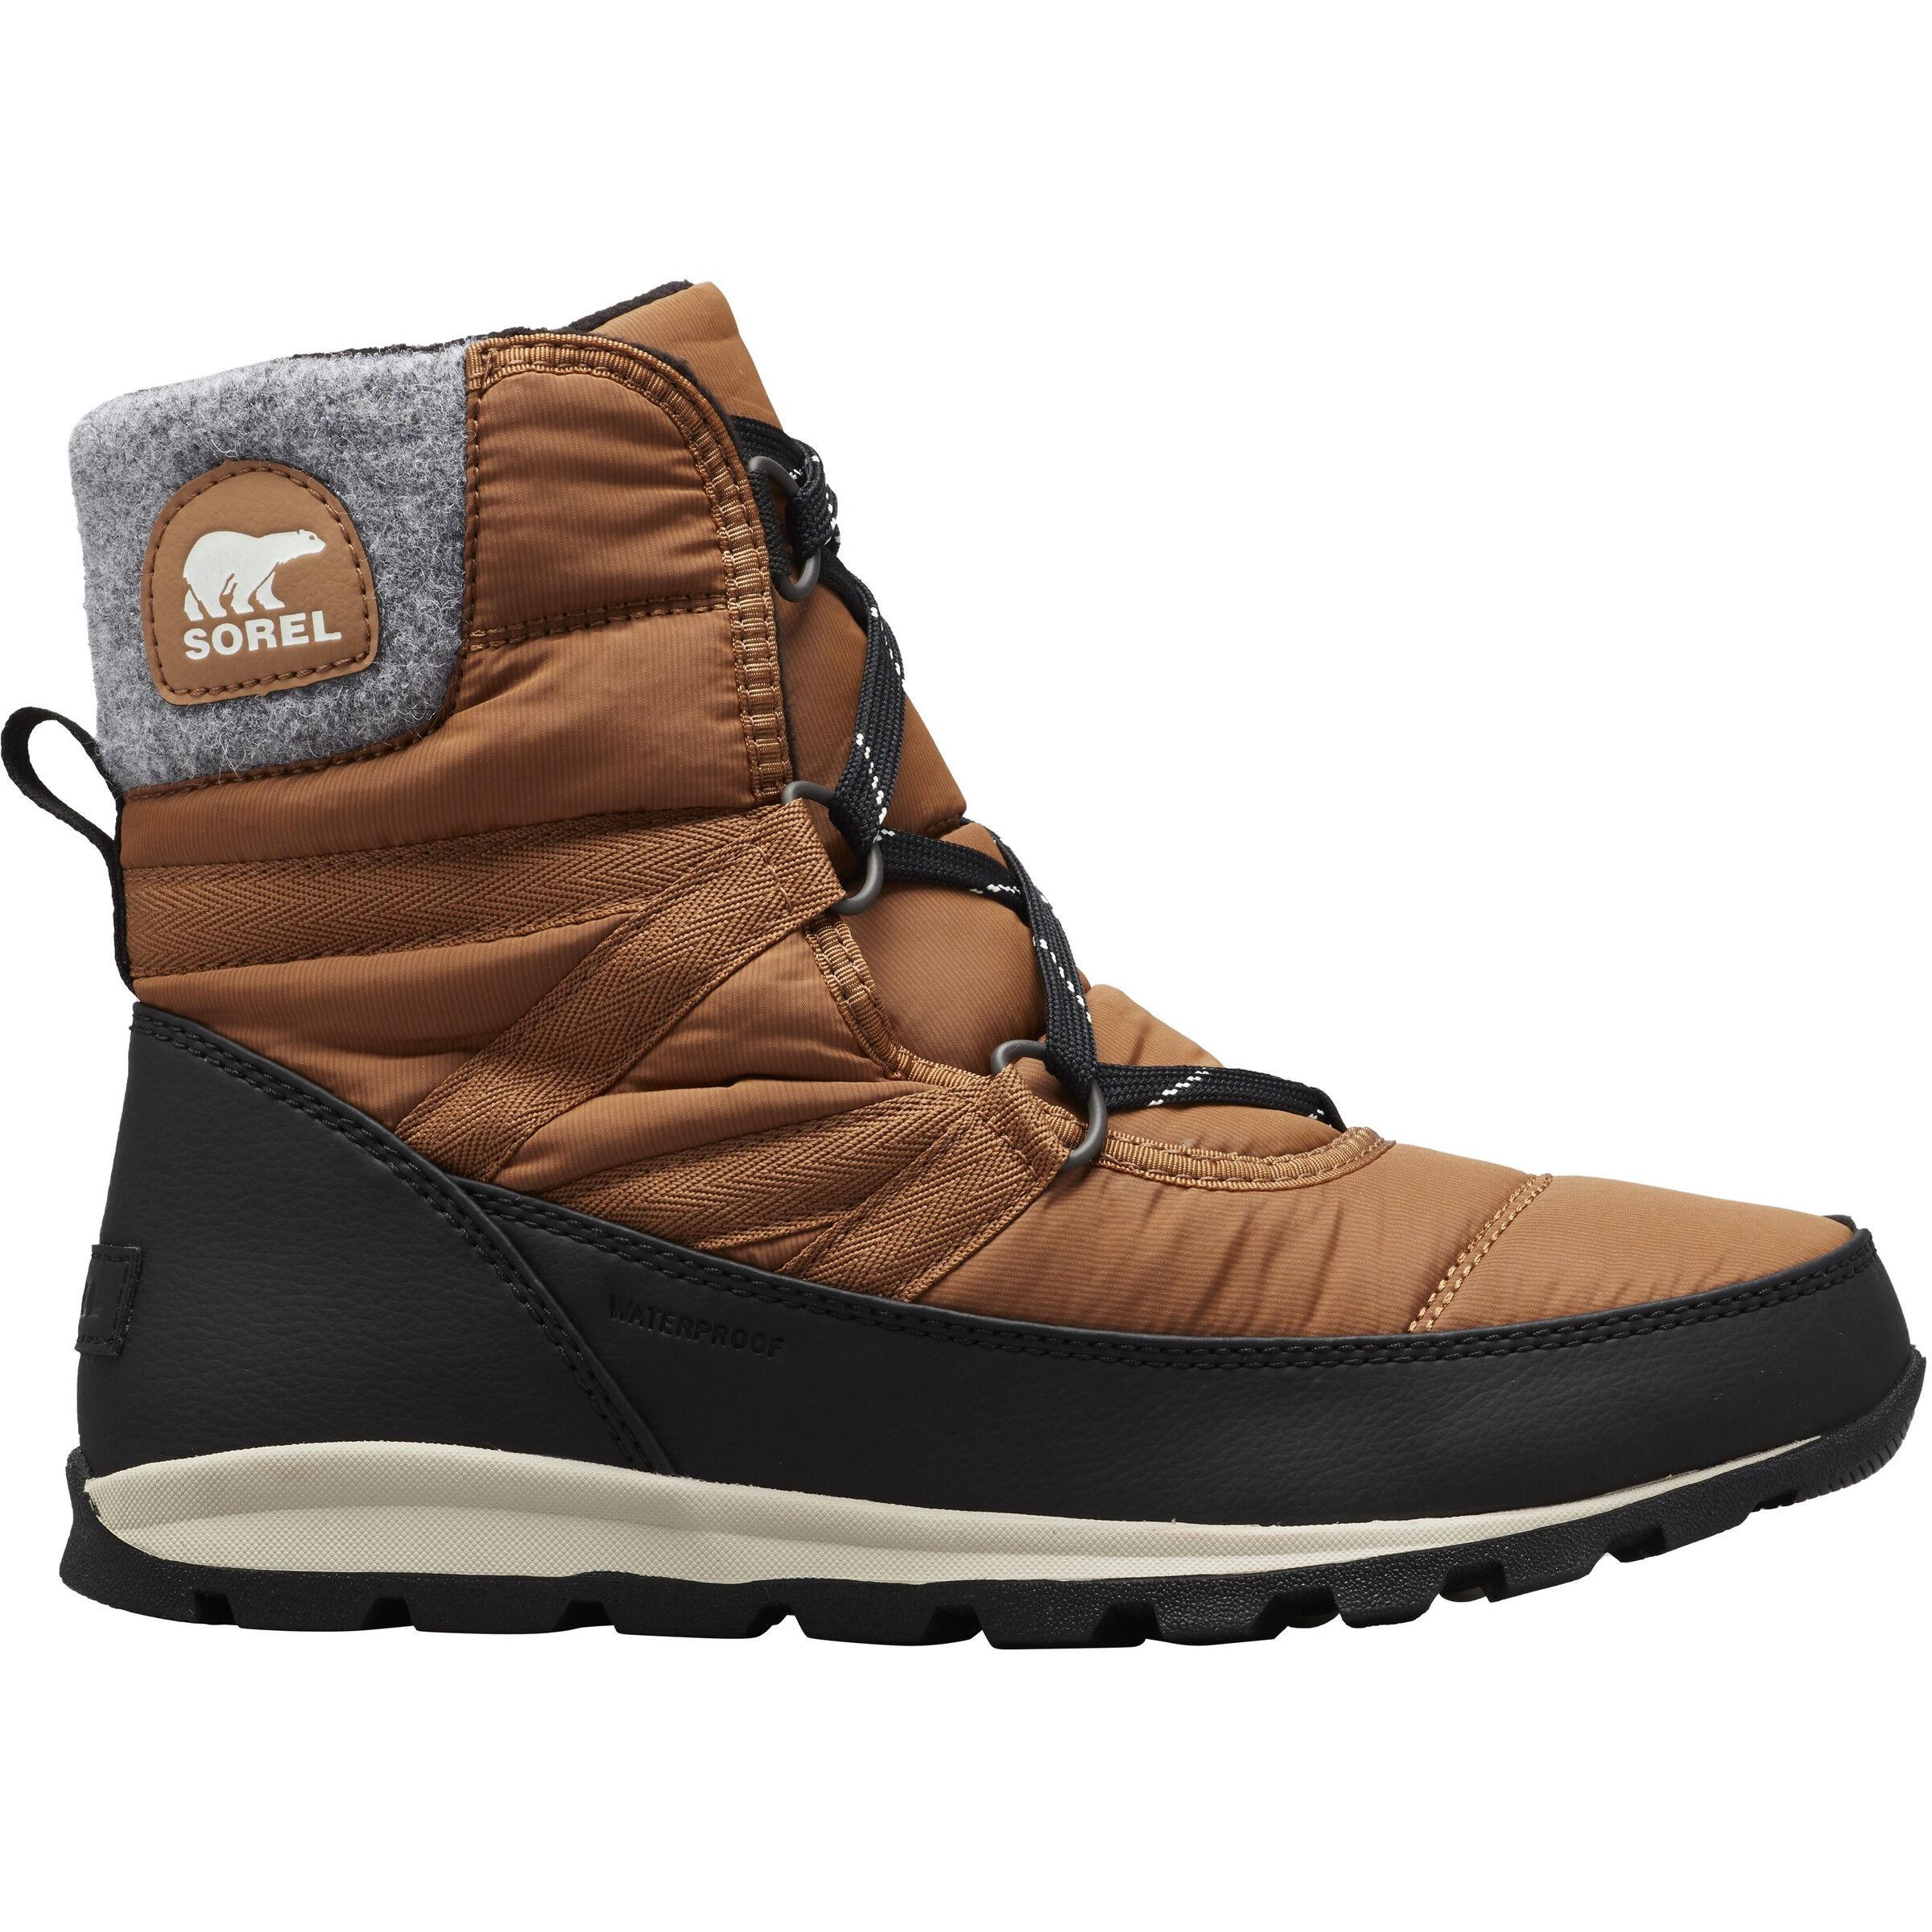 Outdoor Schuhe günstig | Trekking & Outdoorschuhe Shop CAMPZ